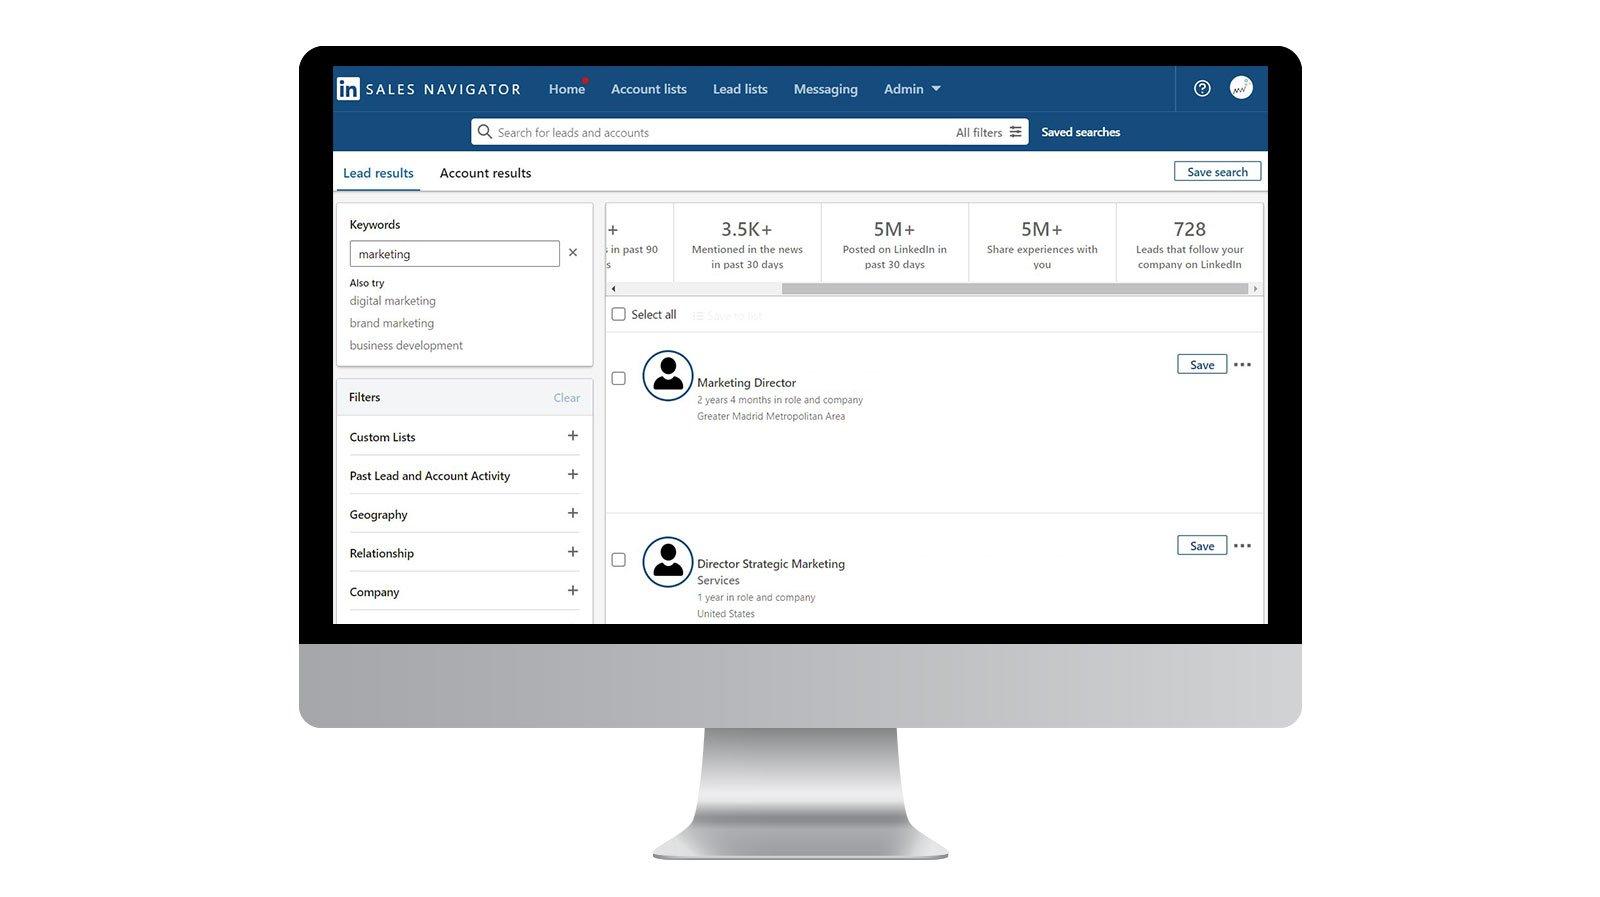 linkedIn-sales-navigator-made2web